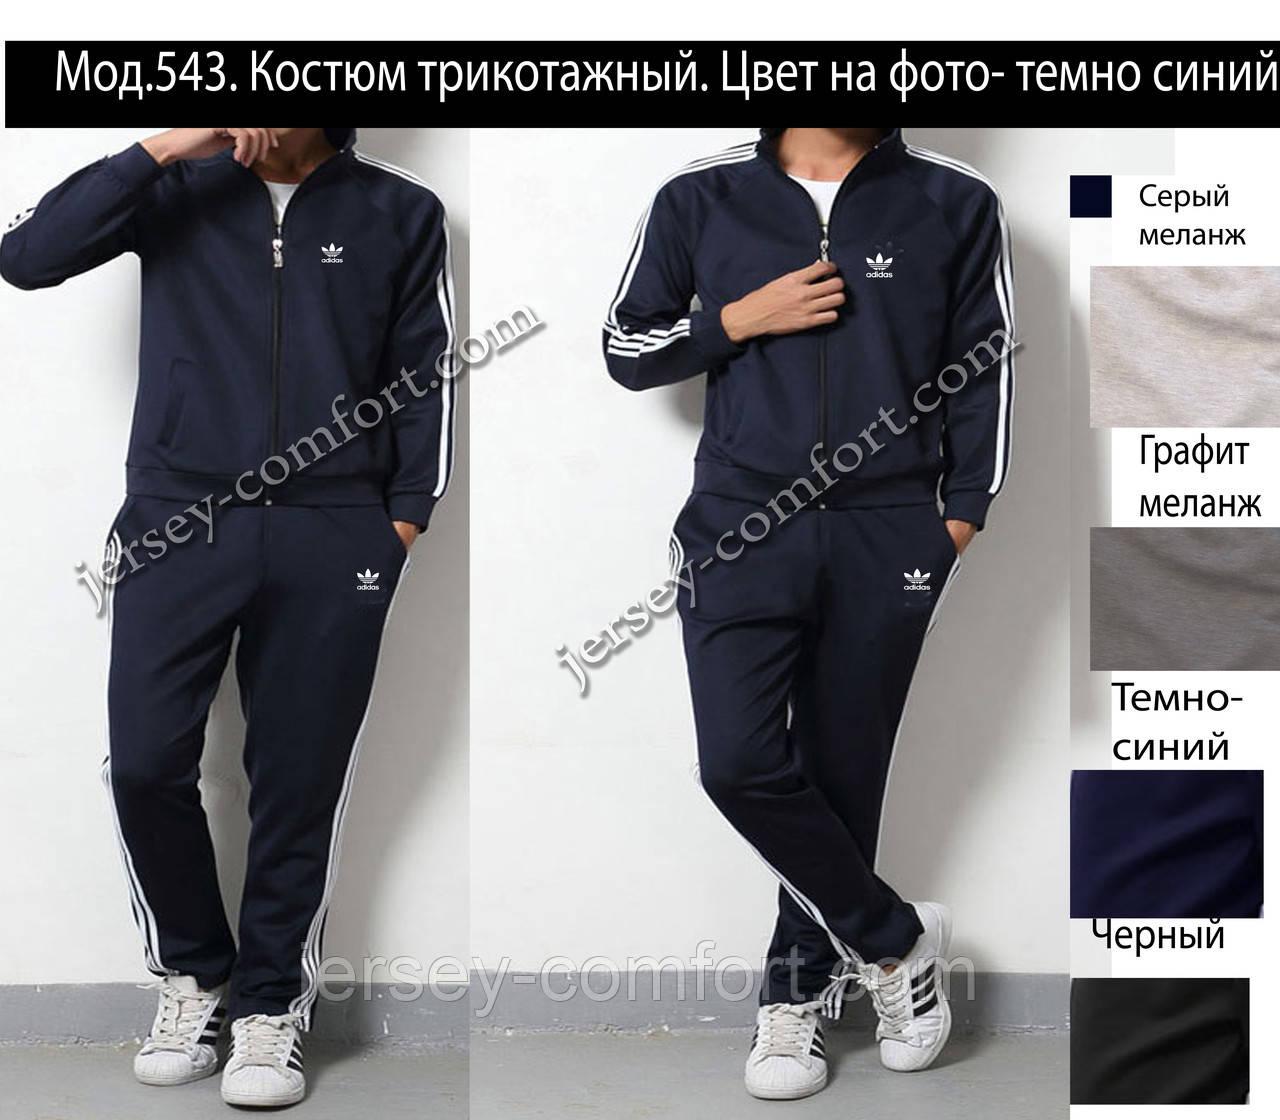 Спортивный костюм мужской, трикотаж.Мод. 543. Черный